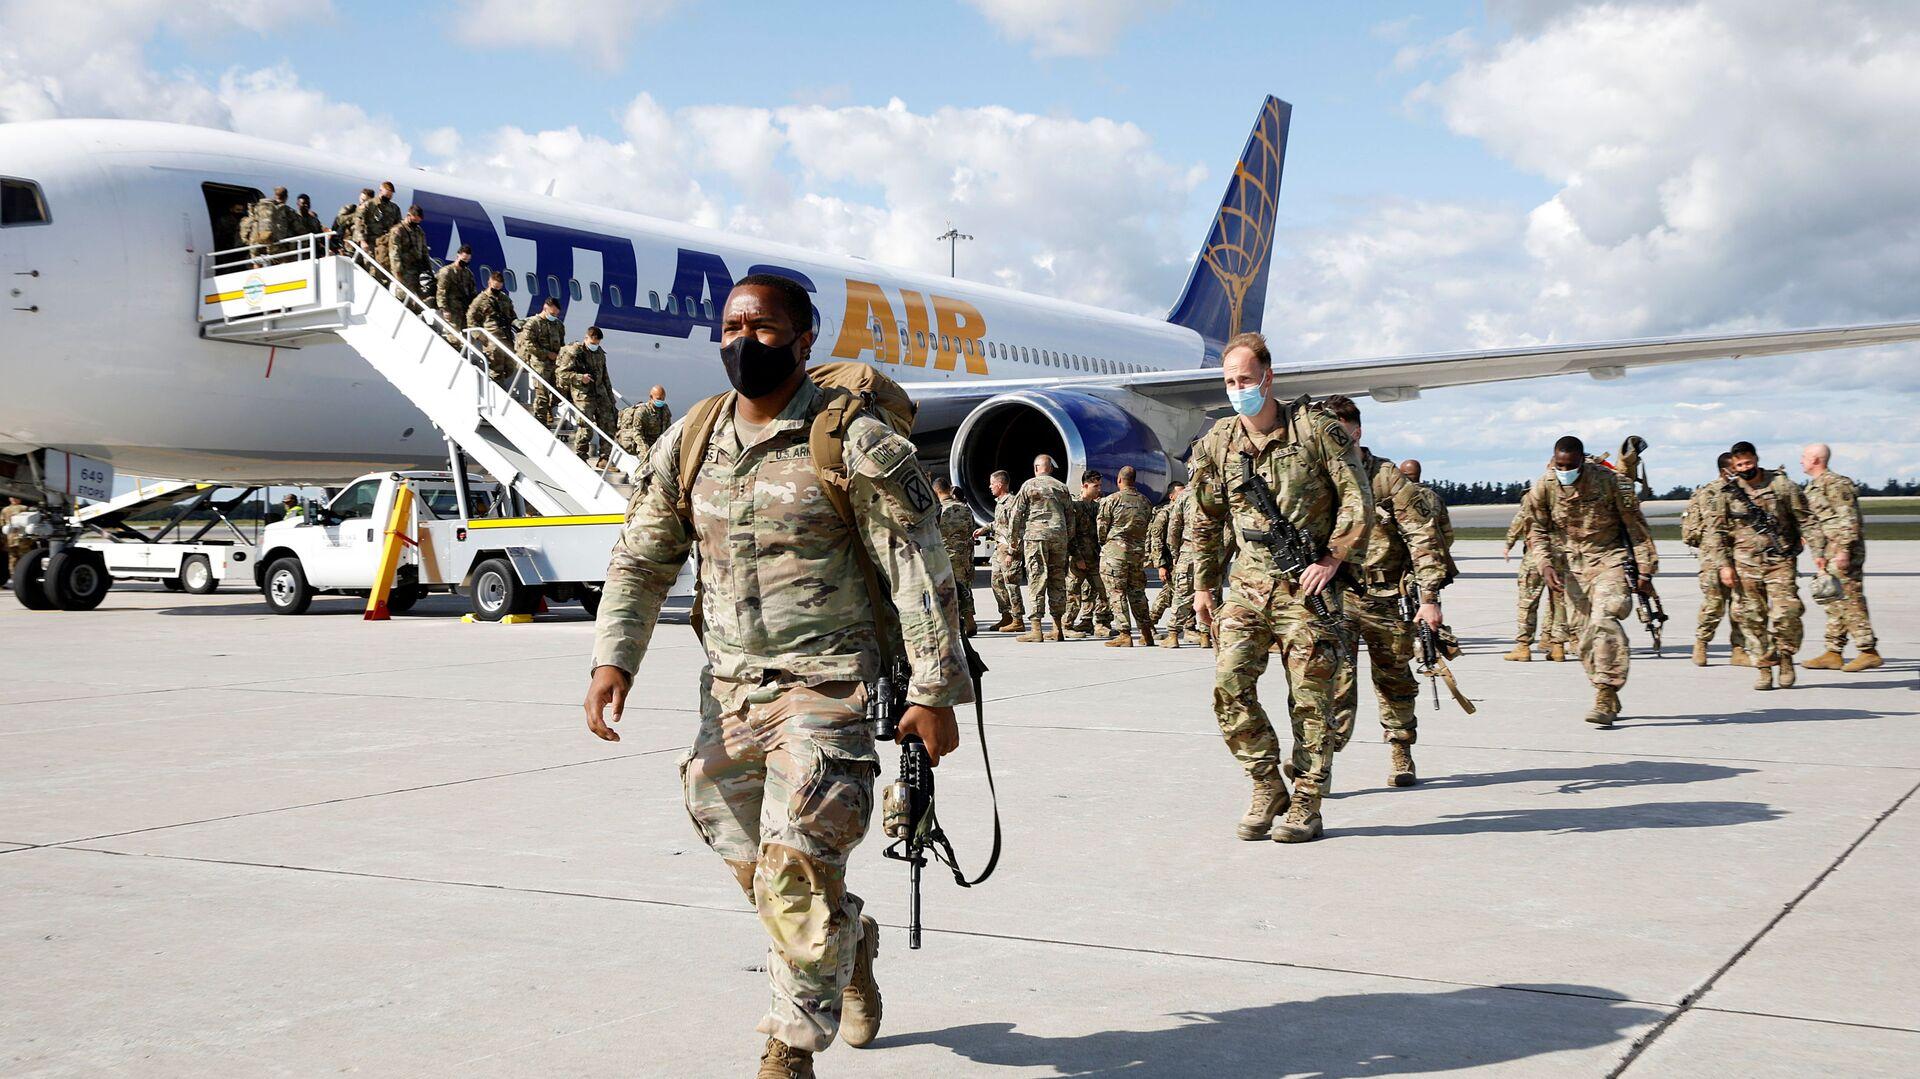 Vojáci opouštějí letadlo po návratu z Afghánistánu do USA. Illustrační foto - Sputnik Česká republika, 1920, 11.09.2021